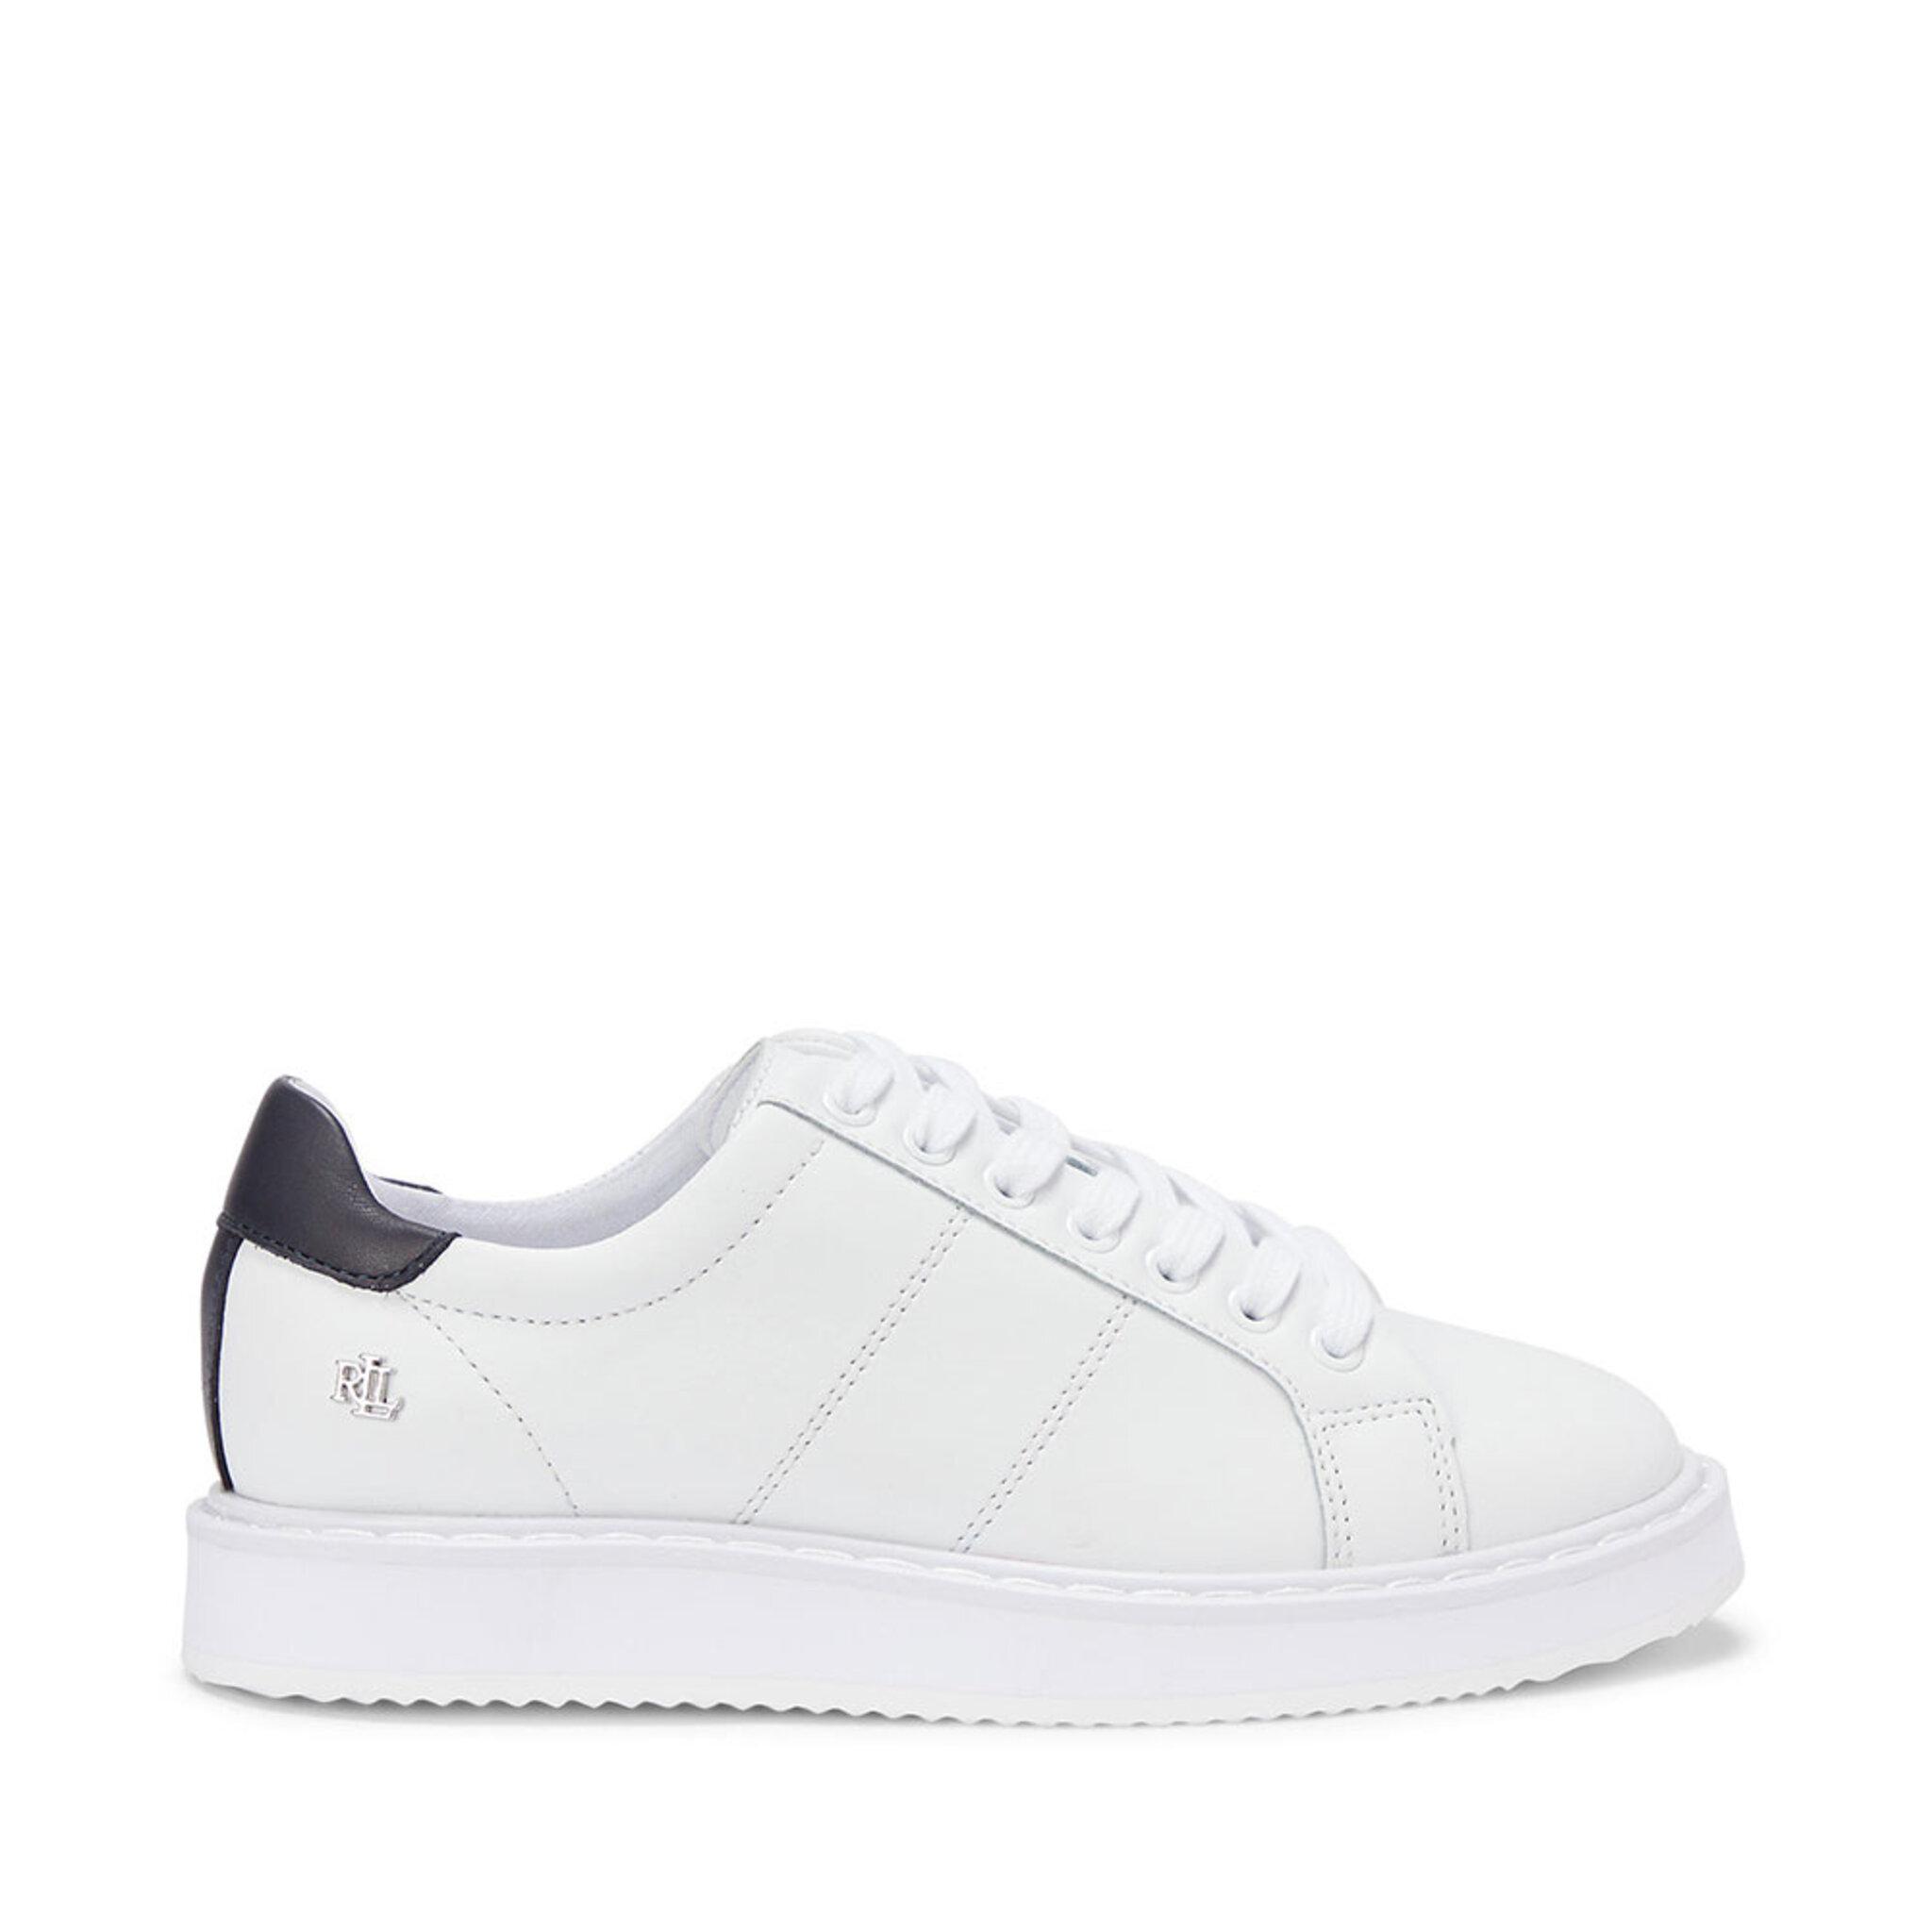 Angeline II Nappa Leather Sneaker